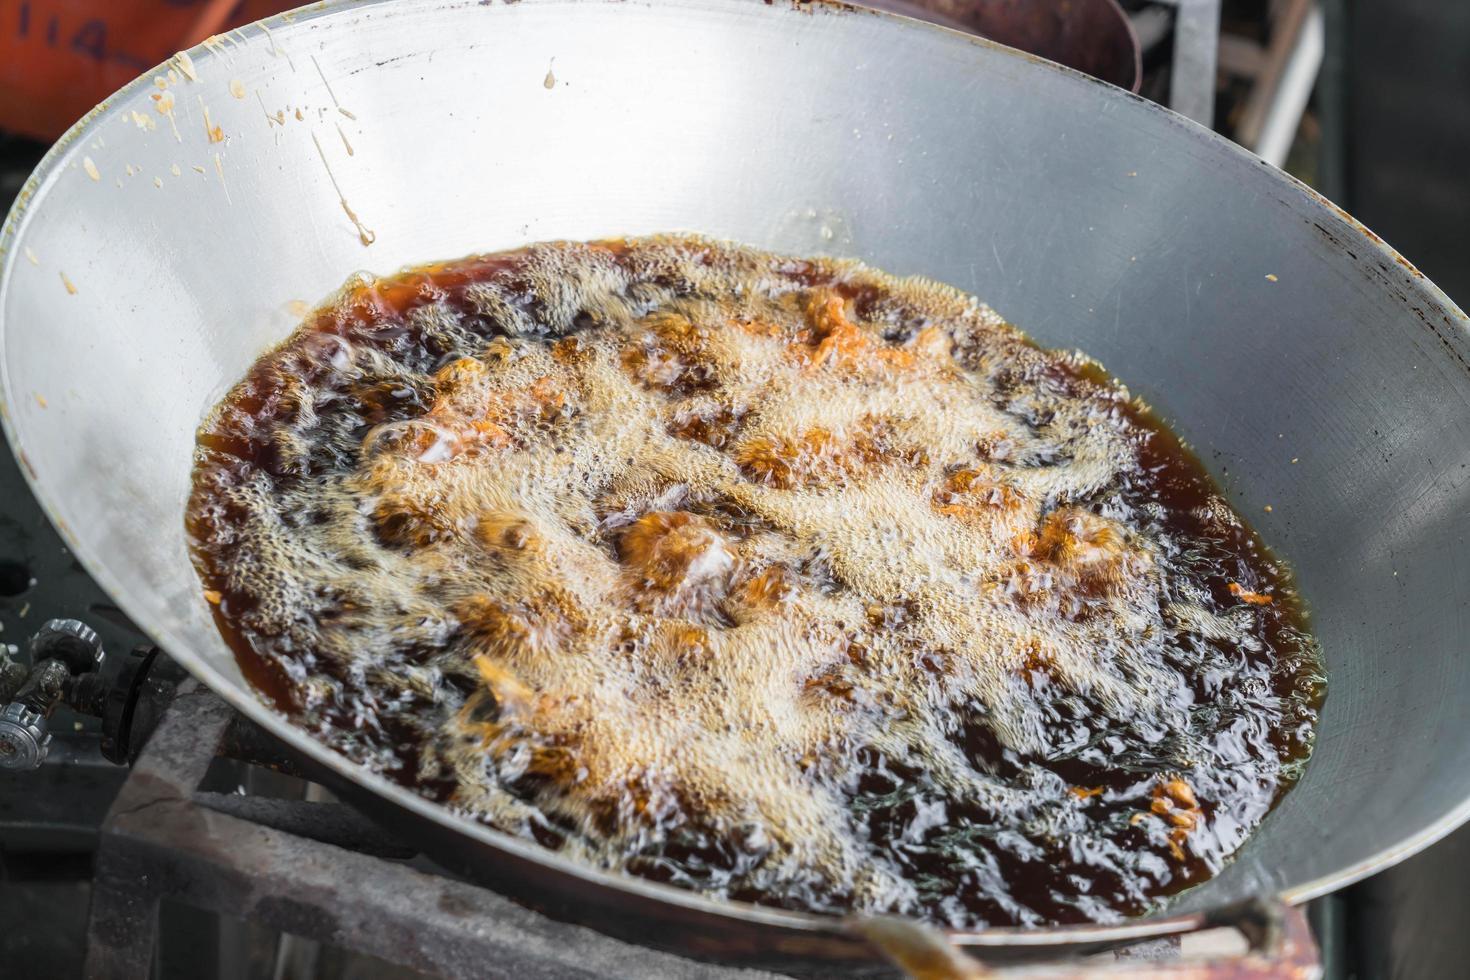 gebratenes Hähnchen in Pfanne mit kochendem Öl foto